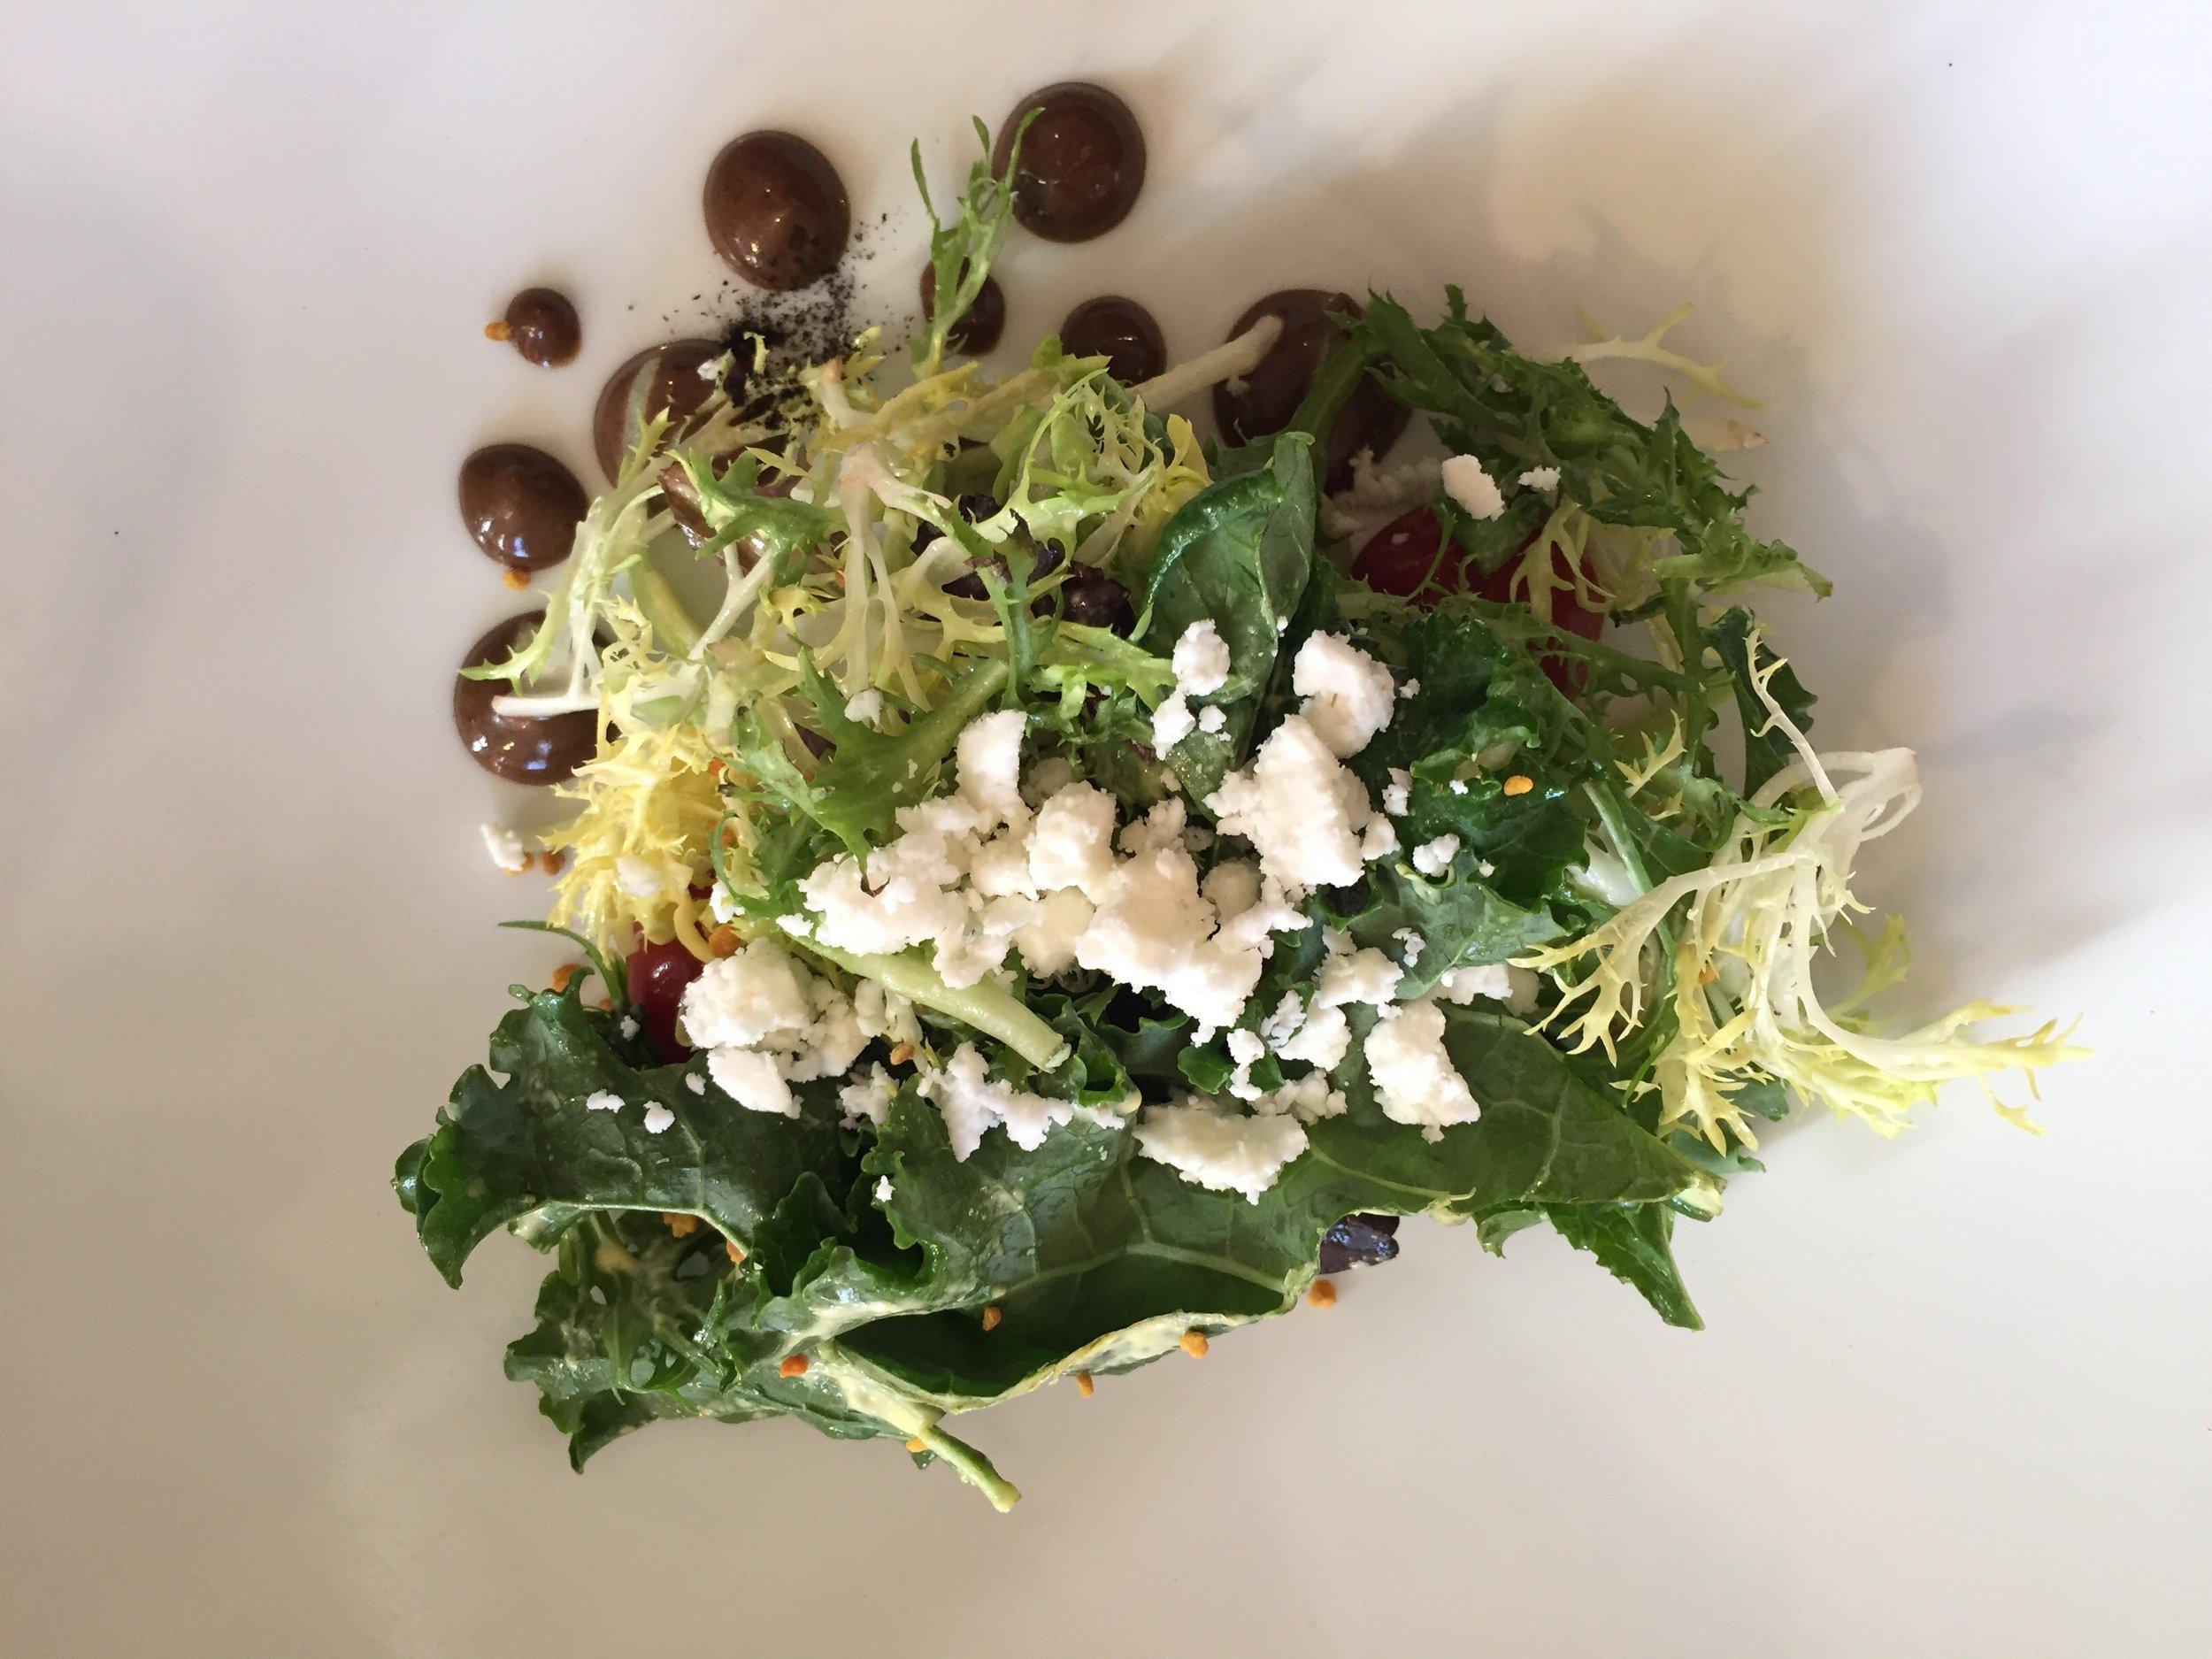 3-salad-at-rouge_30430007792_o.jpg